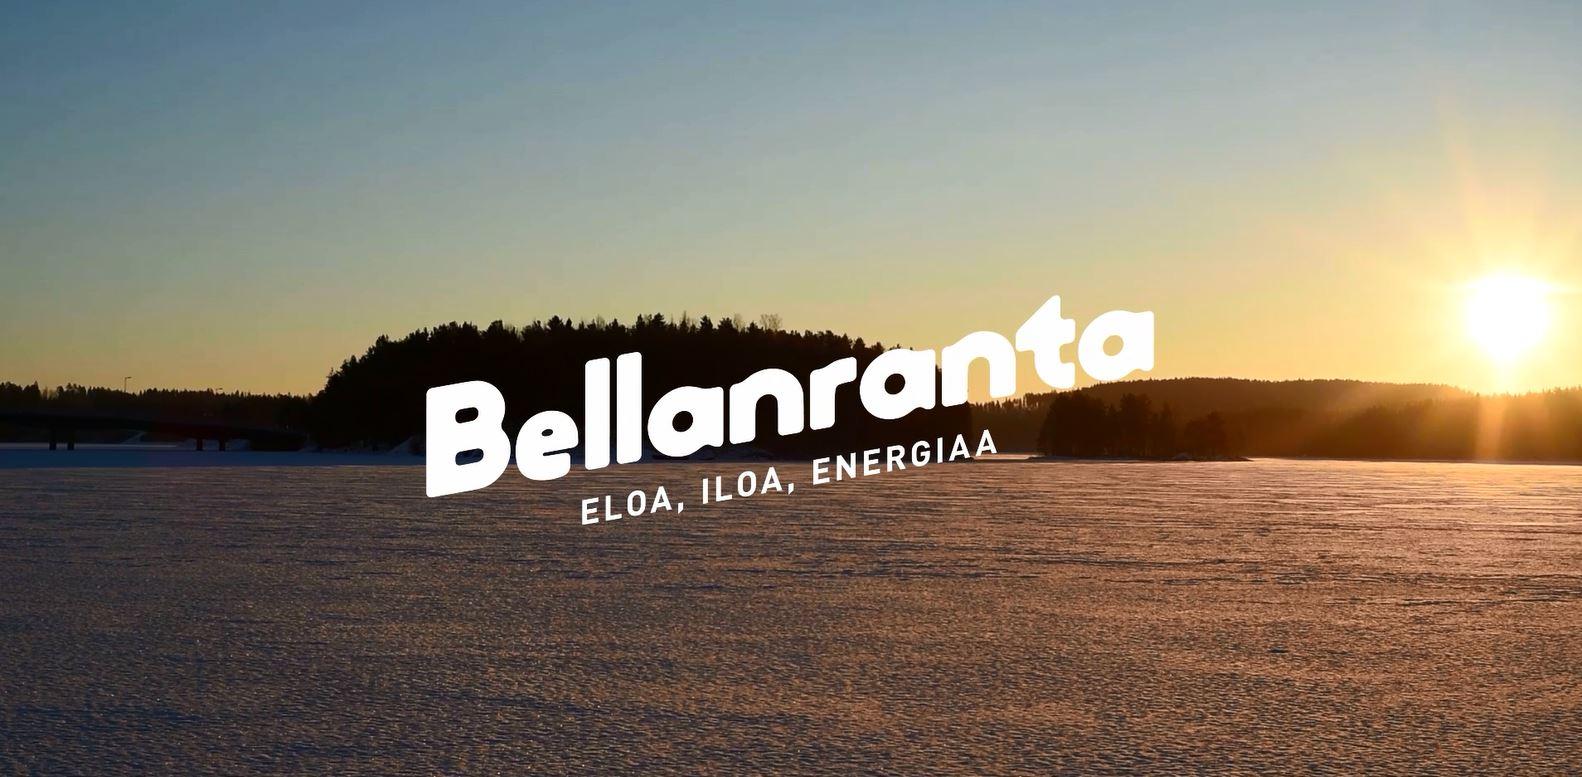 Bellanranta